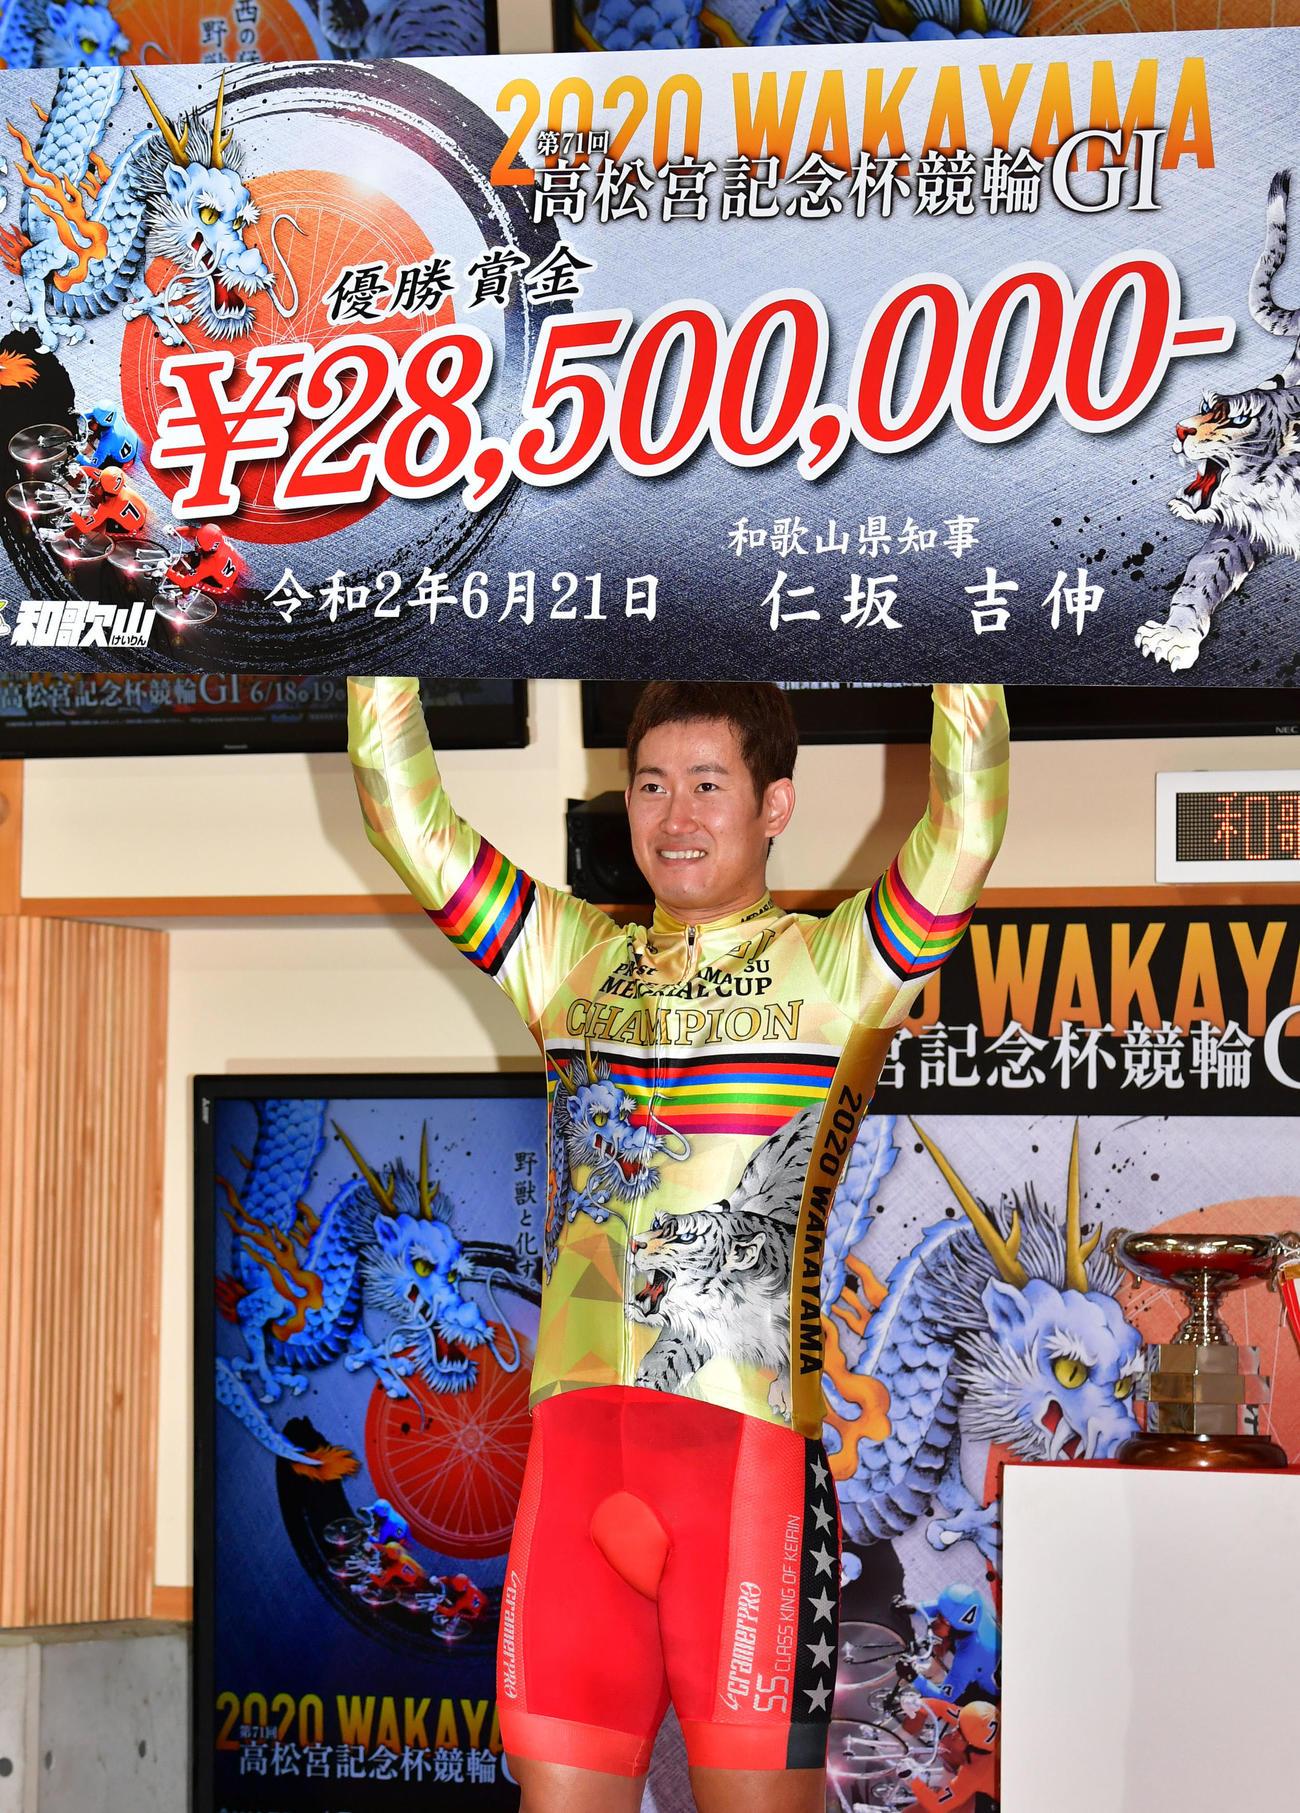 高松宮記念杯競輪を完全優勝を果たした脇本雄太